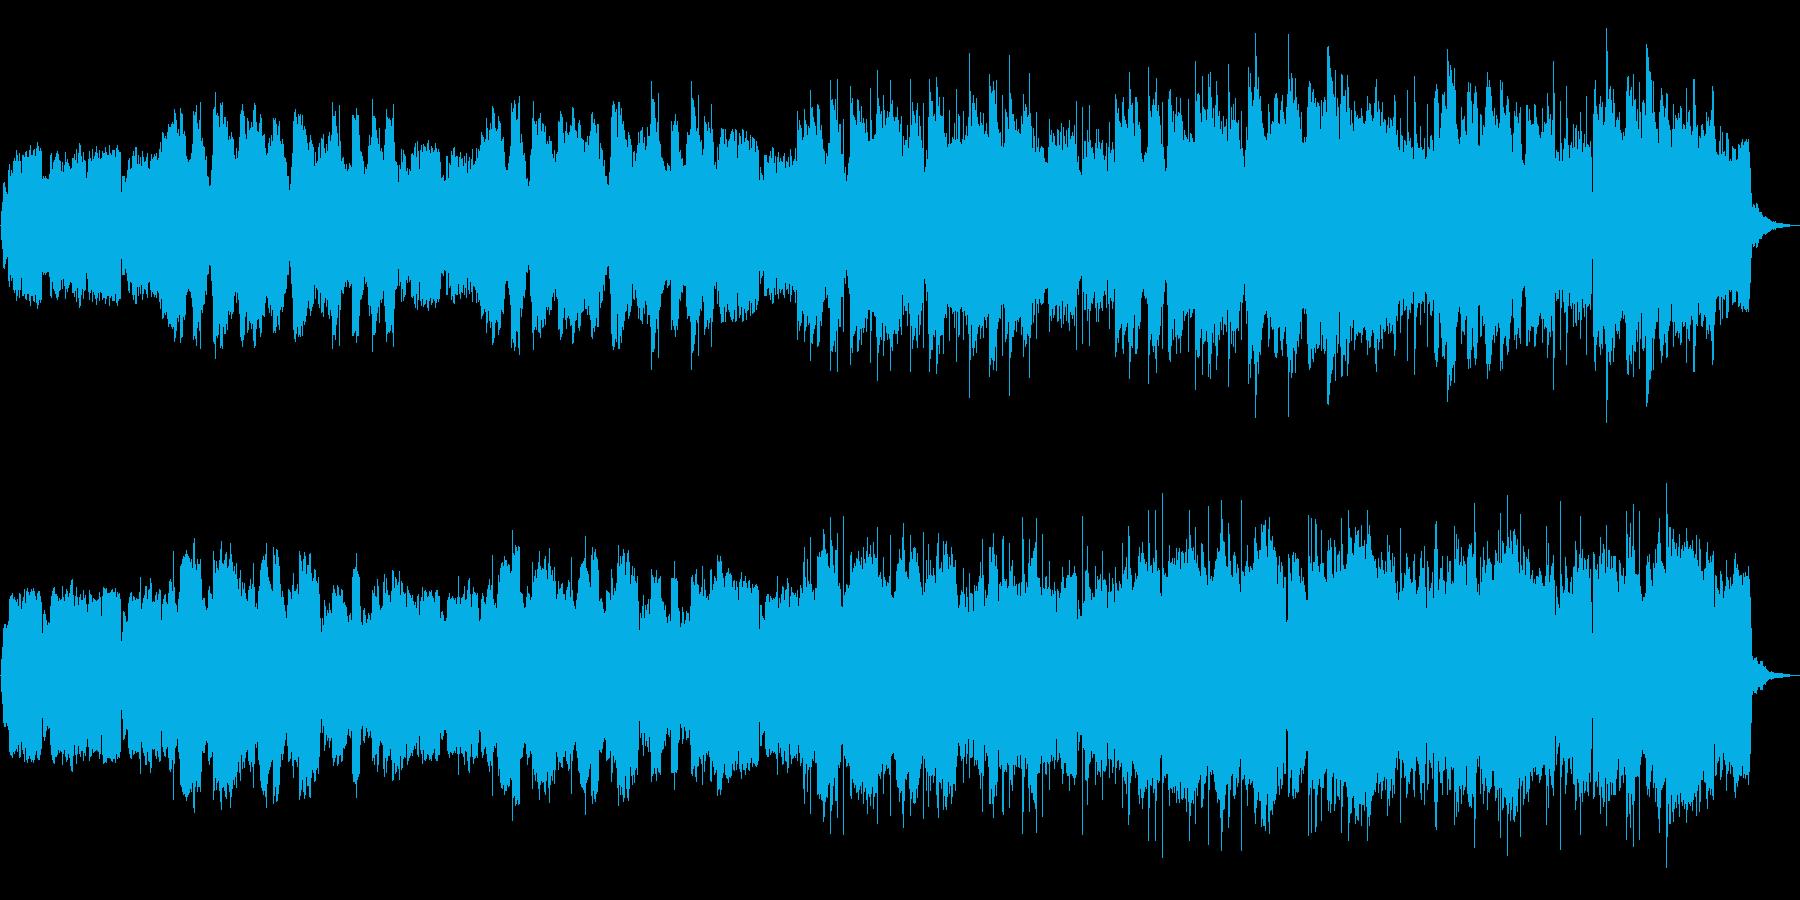 神秘的で癒される映像BGMの再生済みの波形